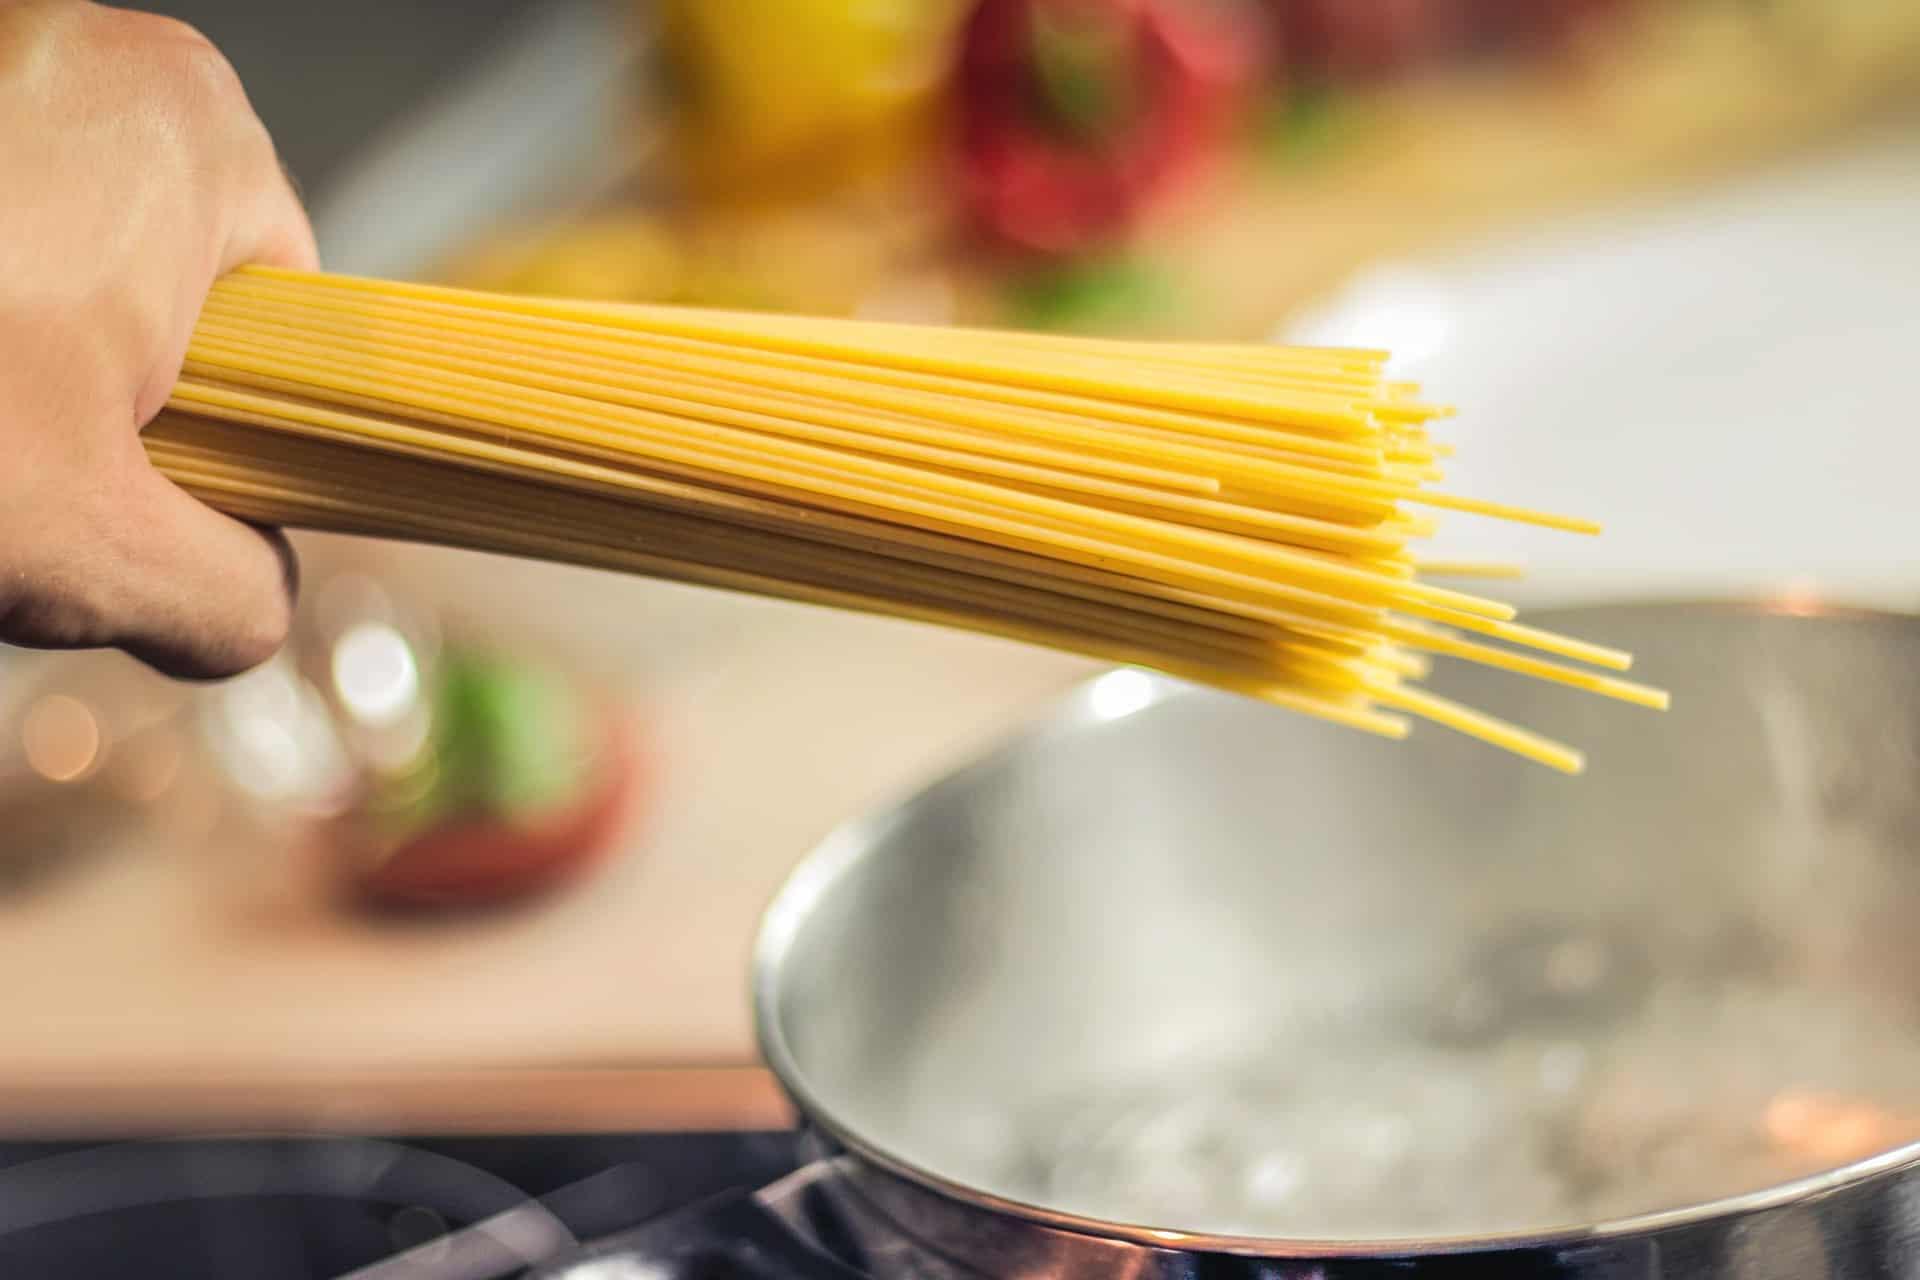 Foto de uma mão segurando uma porção de espaguete, com uma panela de inox ao fundo. Dentro da panela, tem água borbulhando.